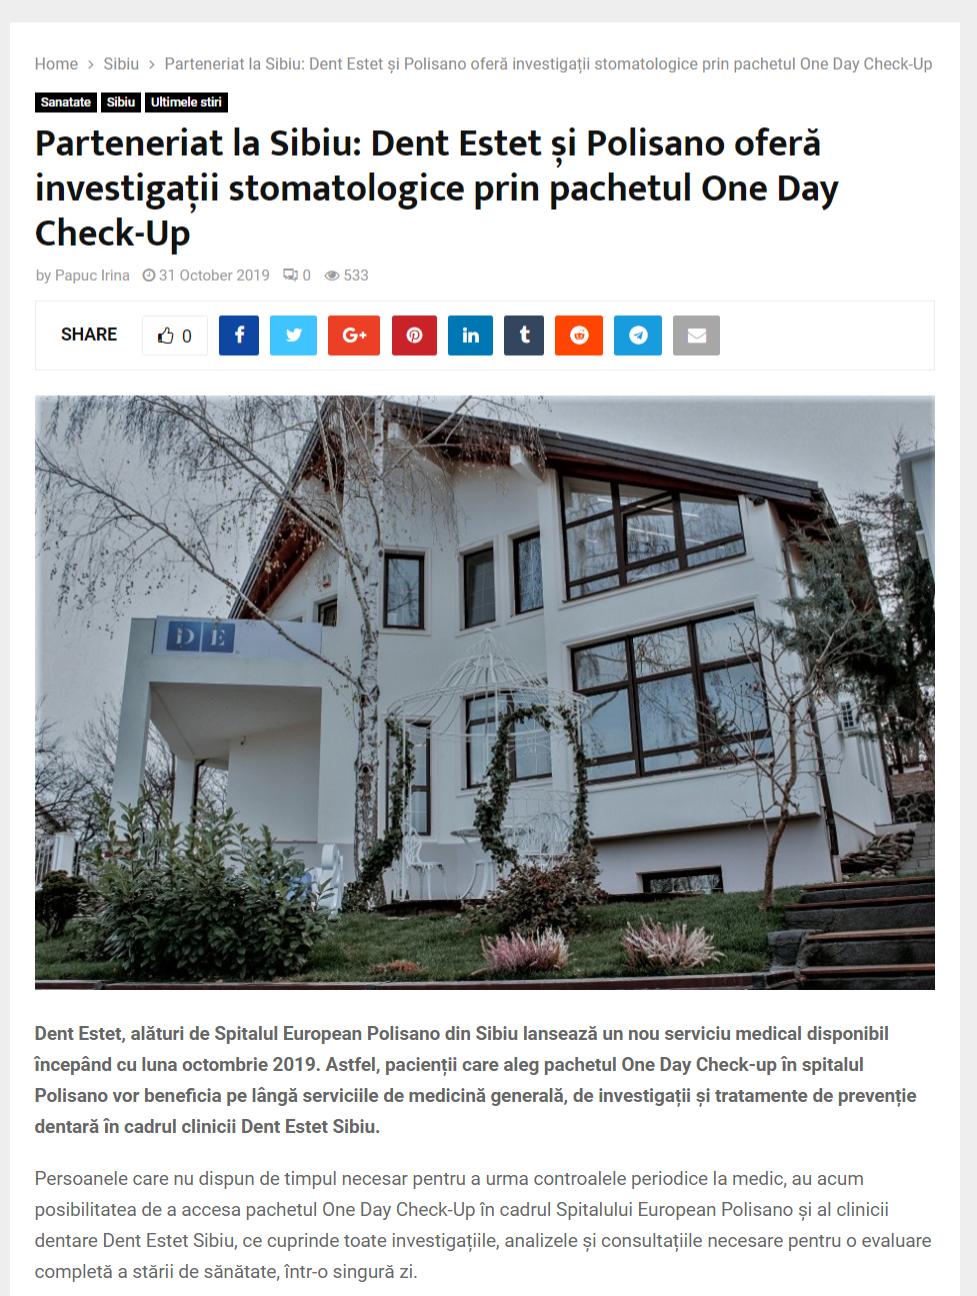 Parteneriat la Sibiu: Dent Estet și Polisano oferă investigații stomatologice prin pachetul One Day Check-Up